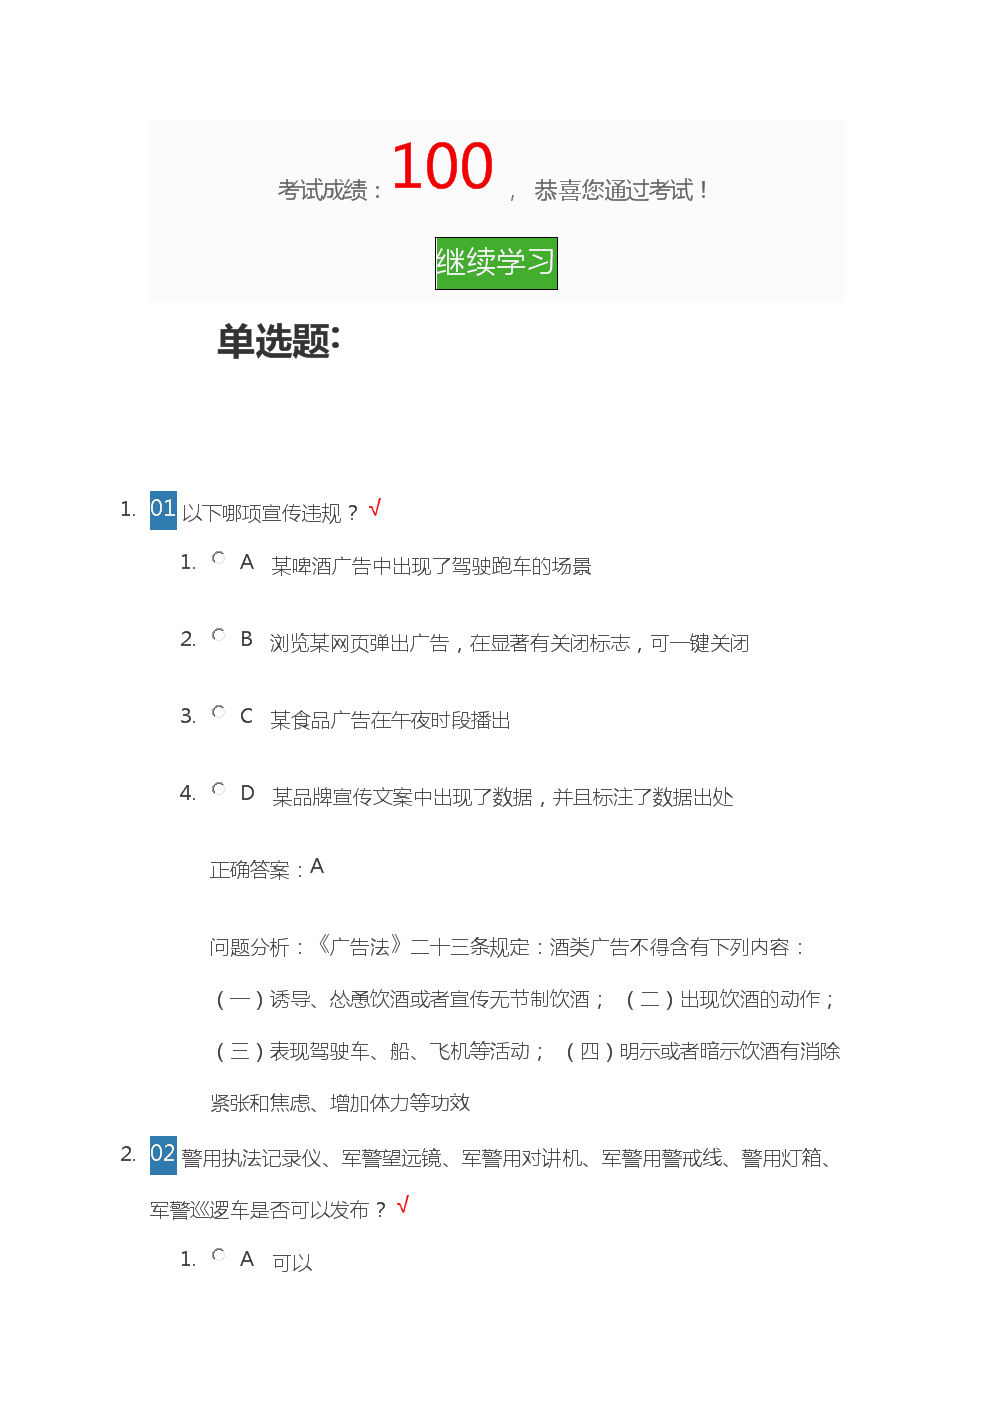 2020版京东运营基础资格认证考题解答.docx